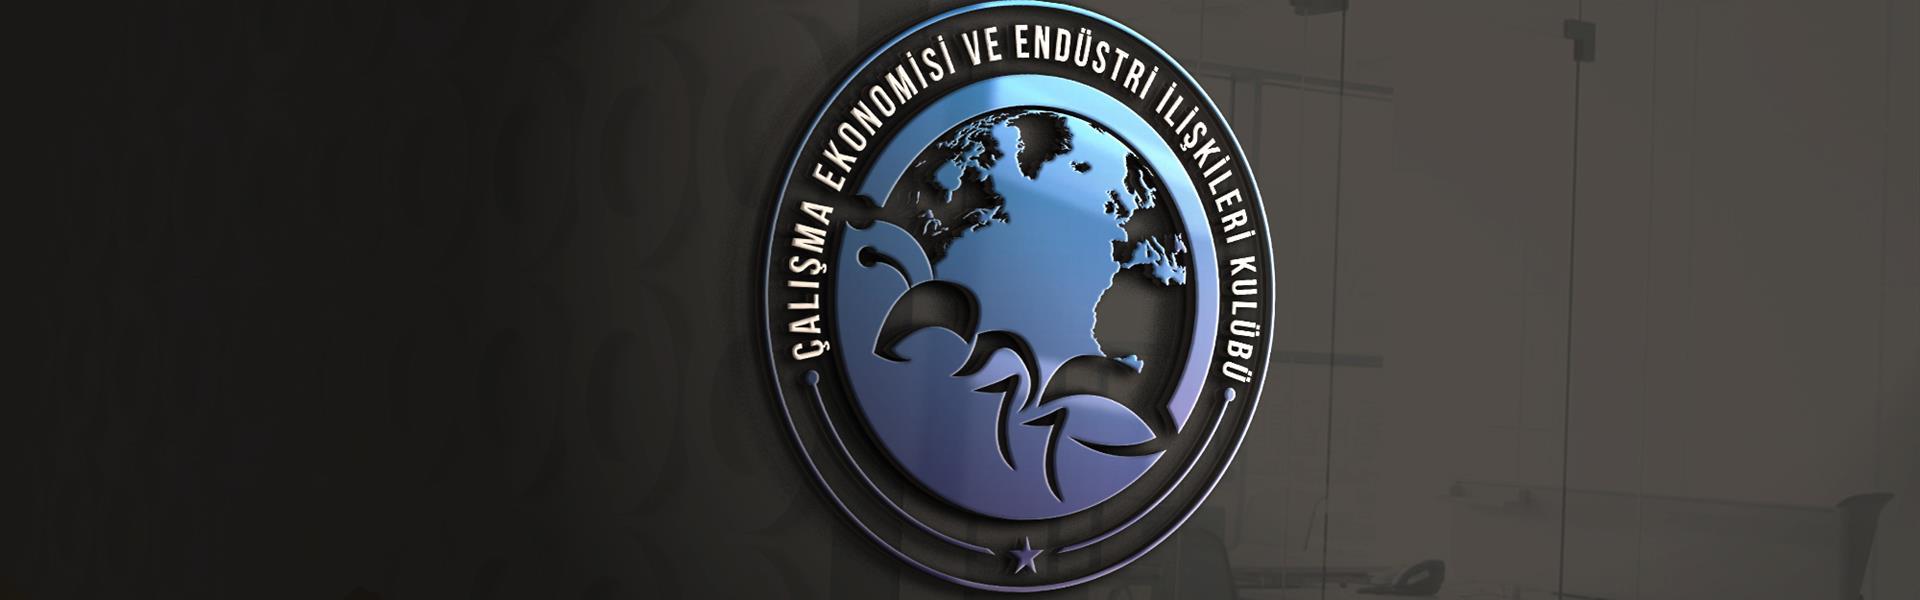 Ç.E.E.İ.-Öğrenci-Kulübü Çeko-Öğrenci-Kulübü çeko İü-Çeko